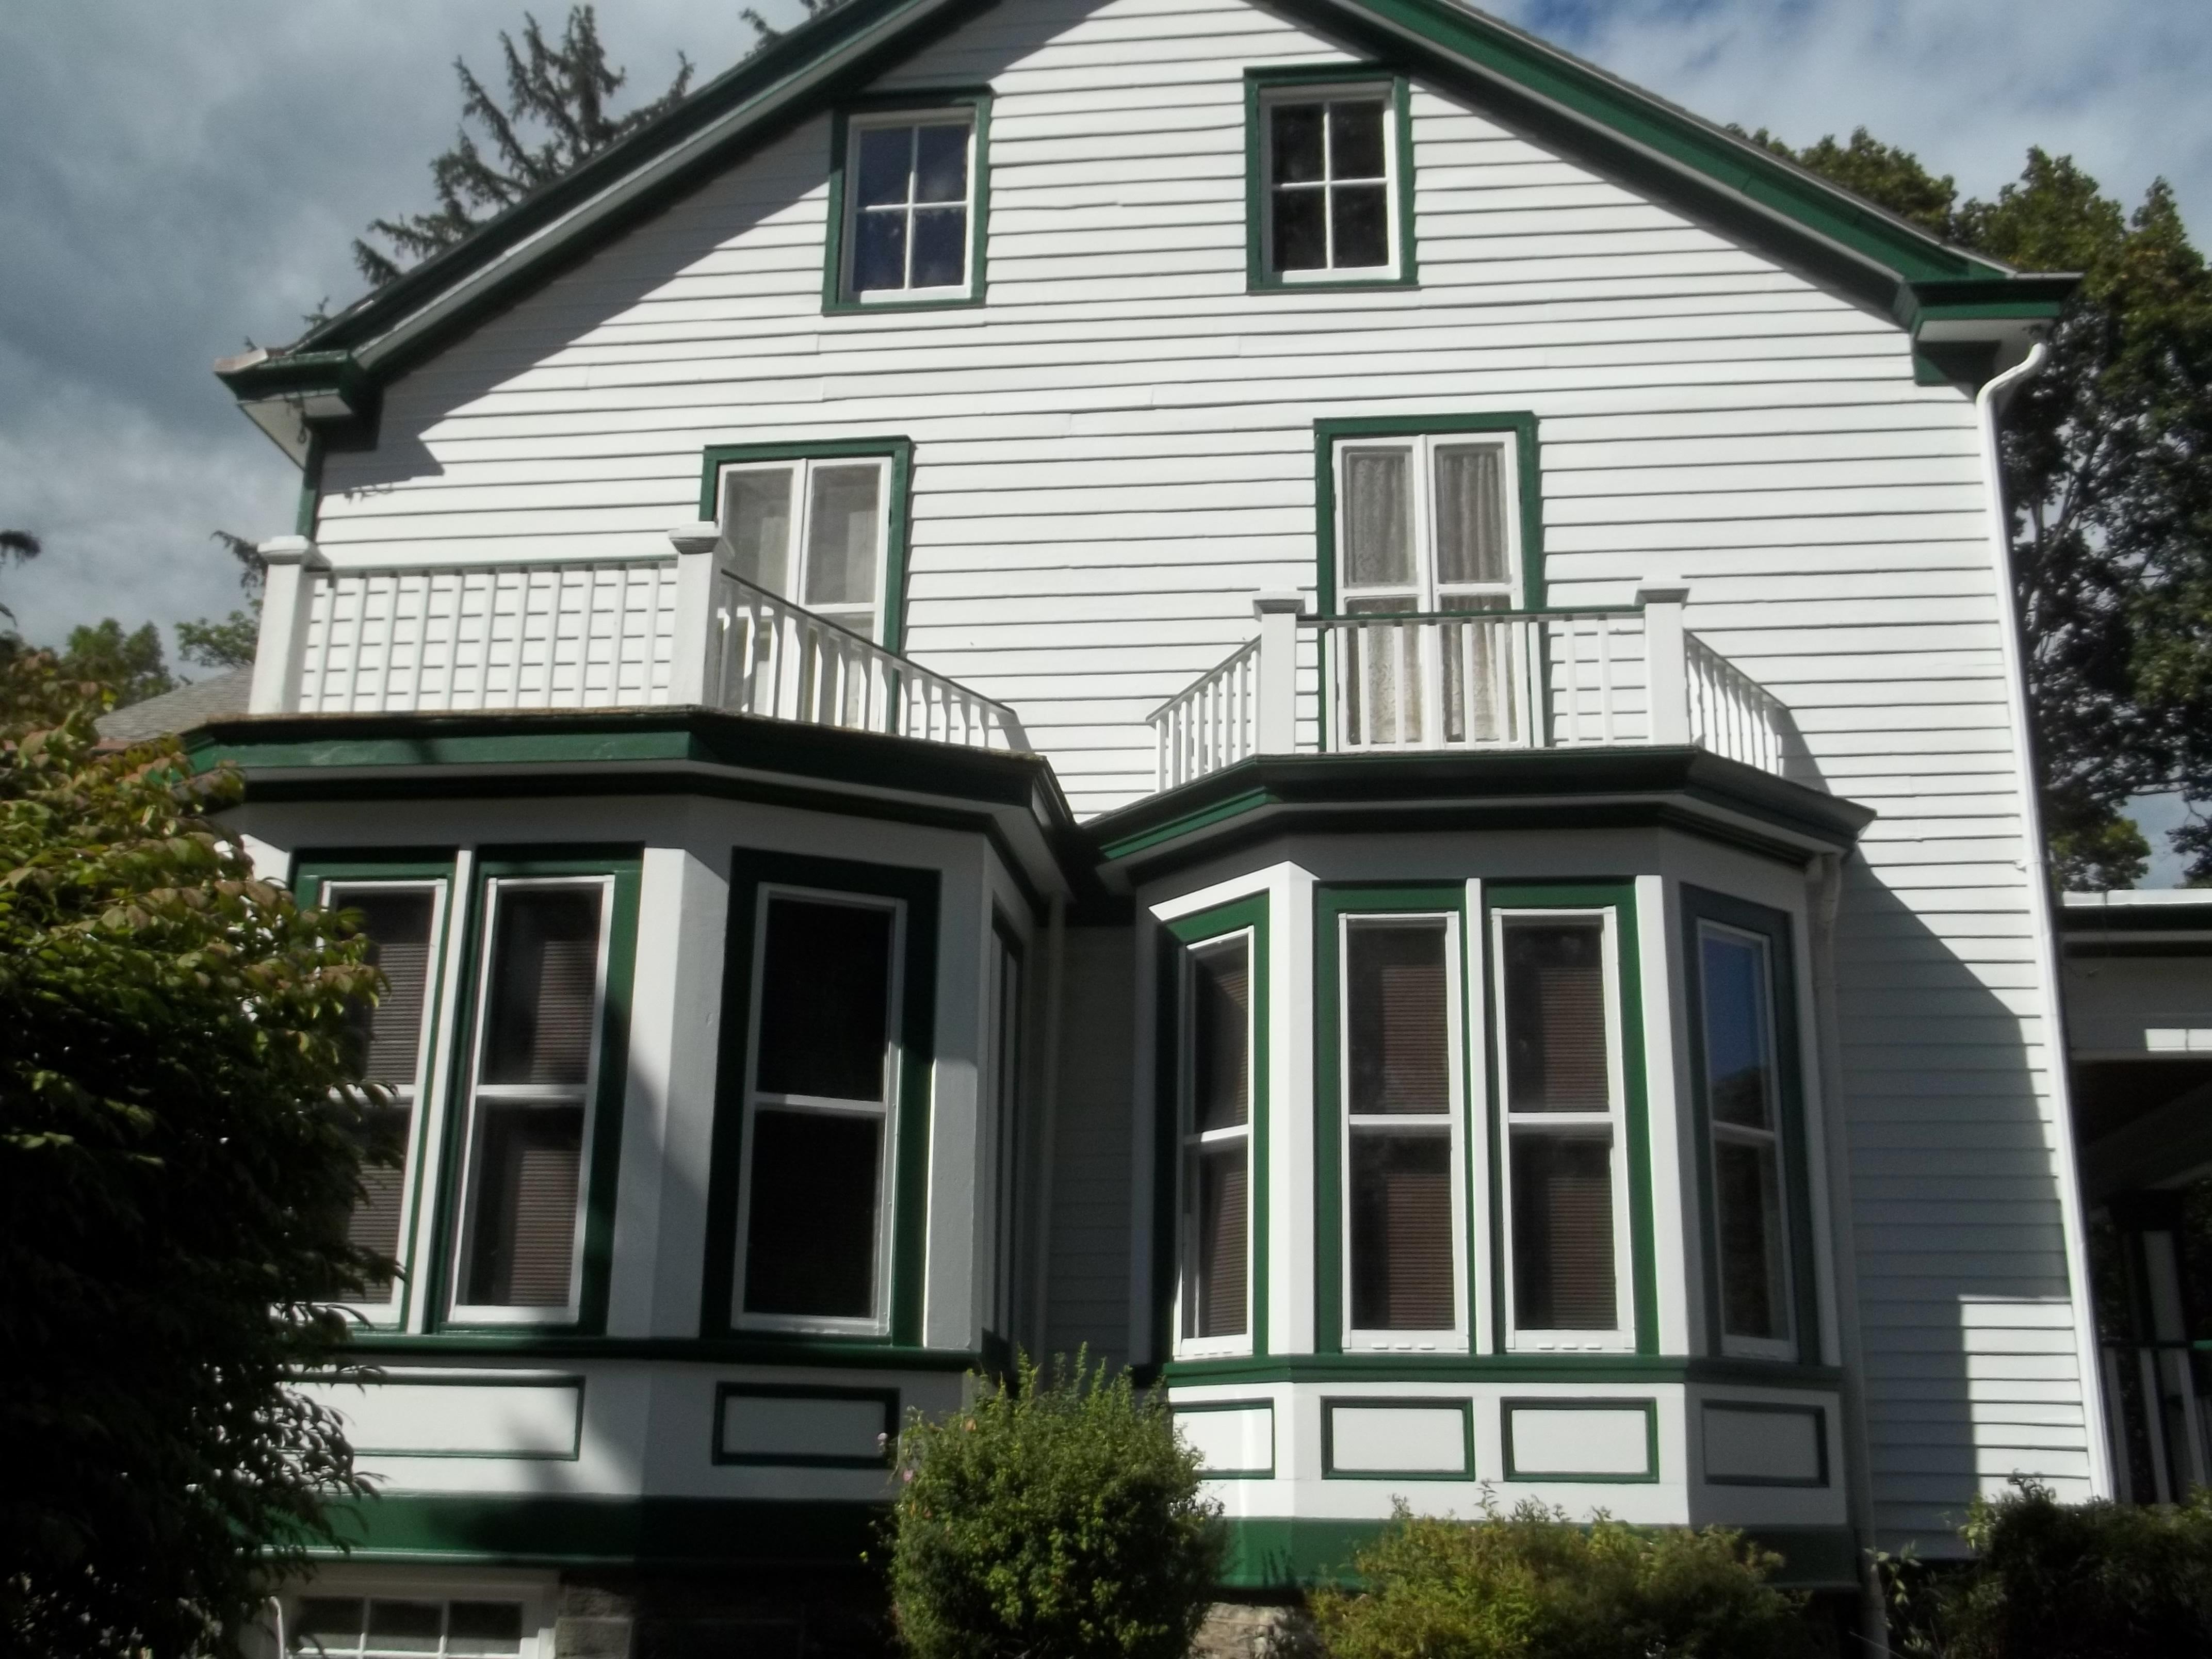 Ny exterior house painting portfolio kellogg 39 s painting - Exterior house painting contractors ...